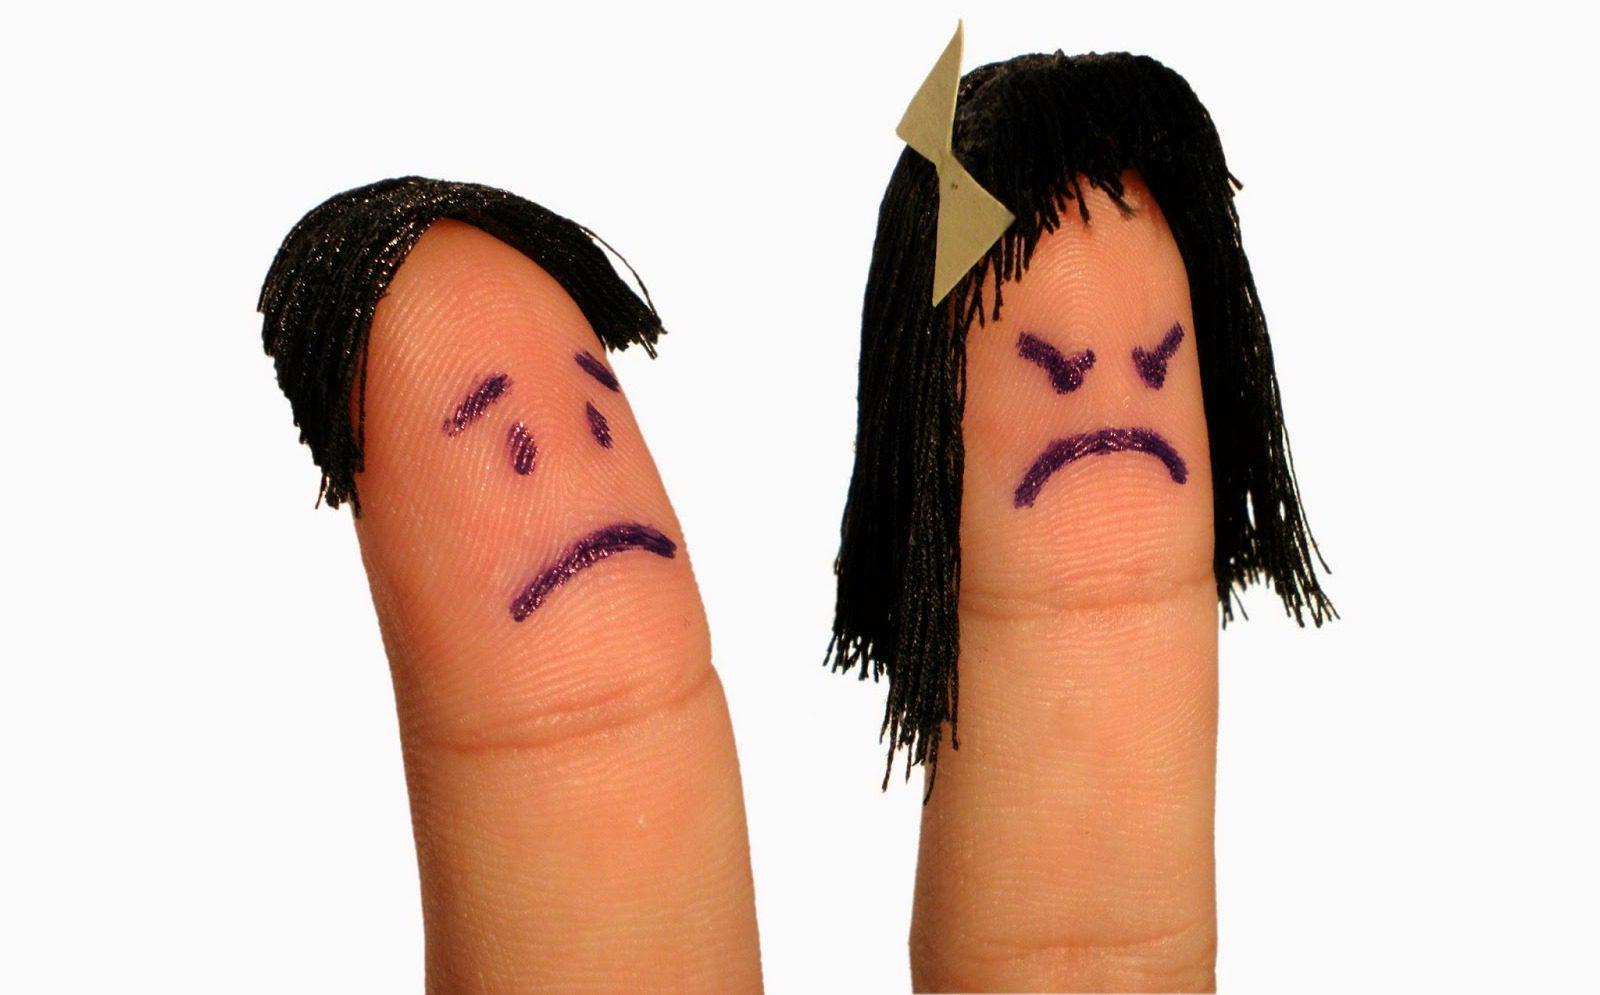 Почему любимый человек начал раздражать - что делать, если муж или парень раздражает?